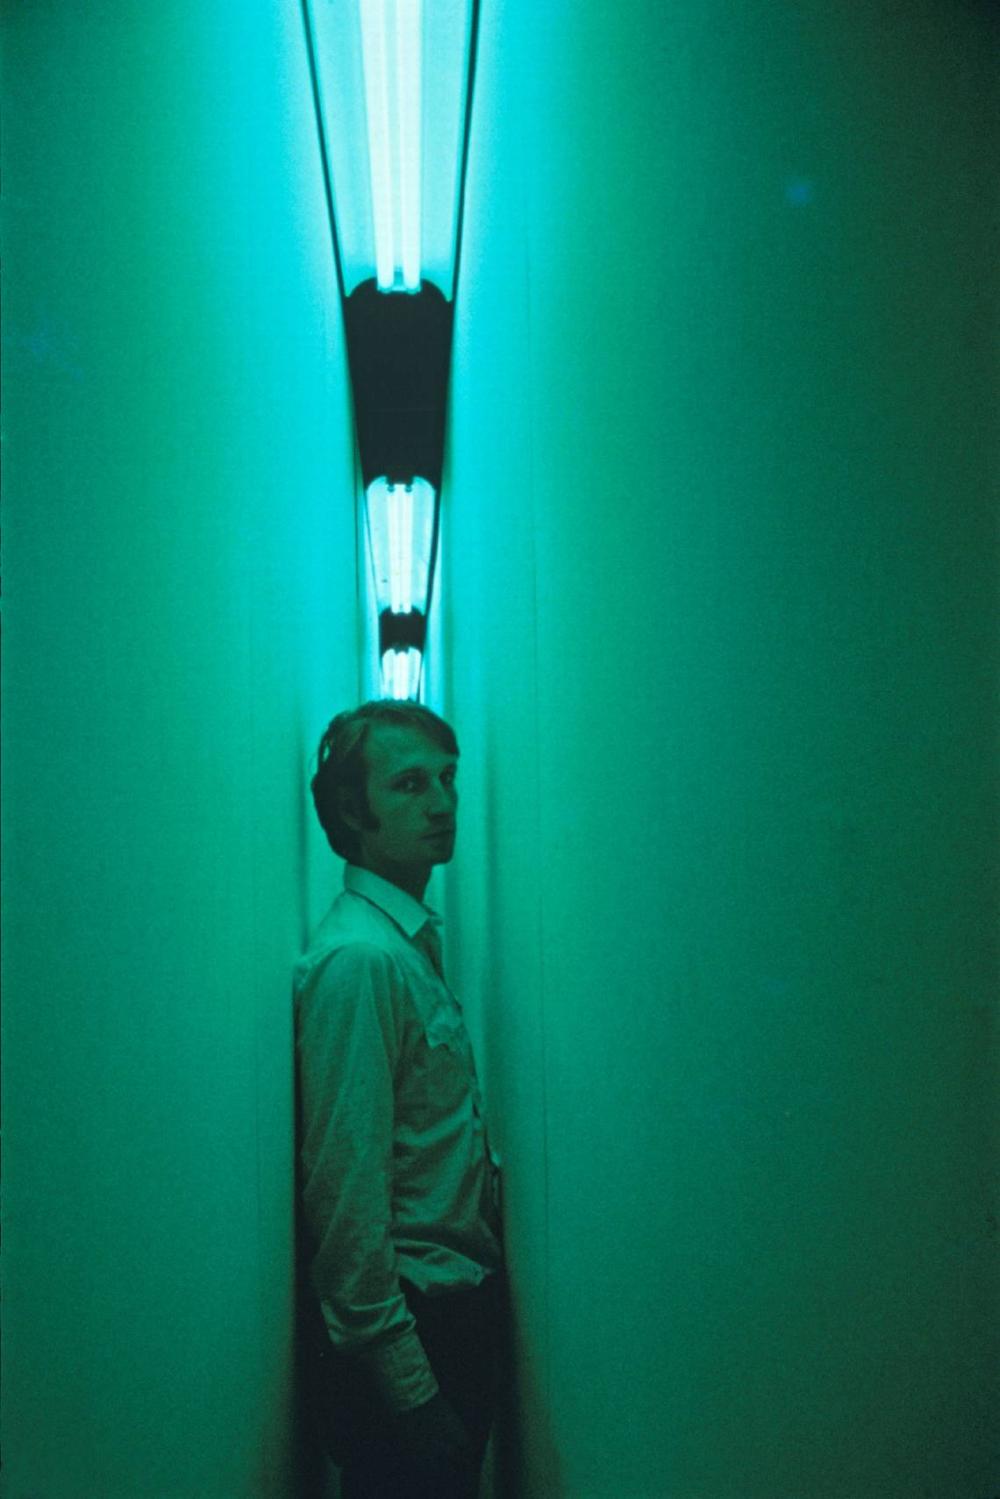 bruce nauman green light corridor - Buscar con Google | Luz en el arte, Arte, Fotografía paisaje urbano